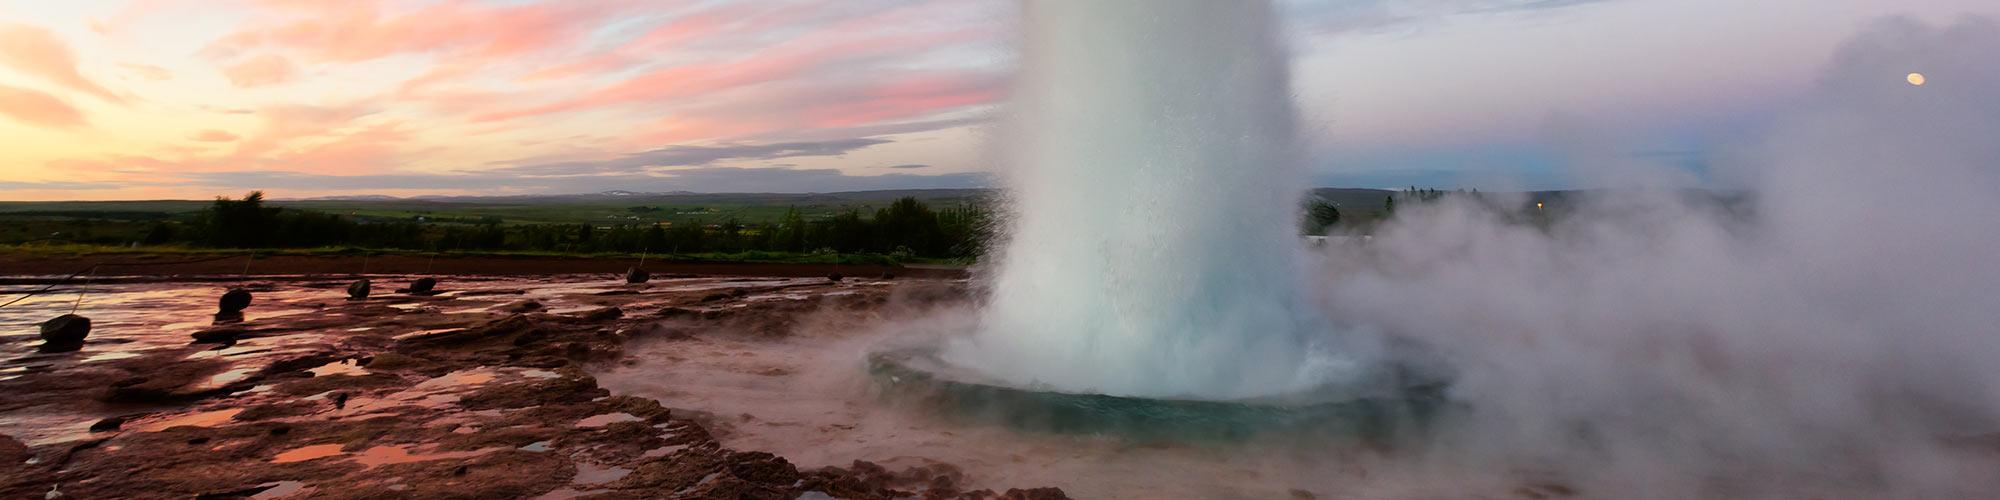 Islandia, sur al completo  - El País Viajes